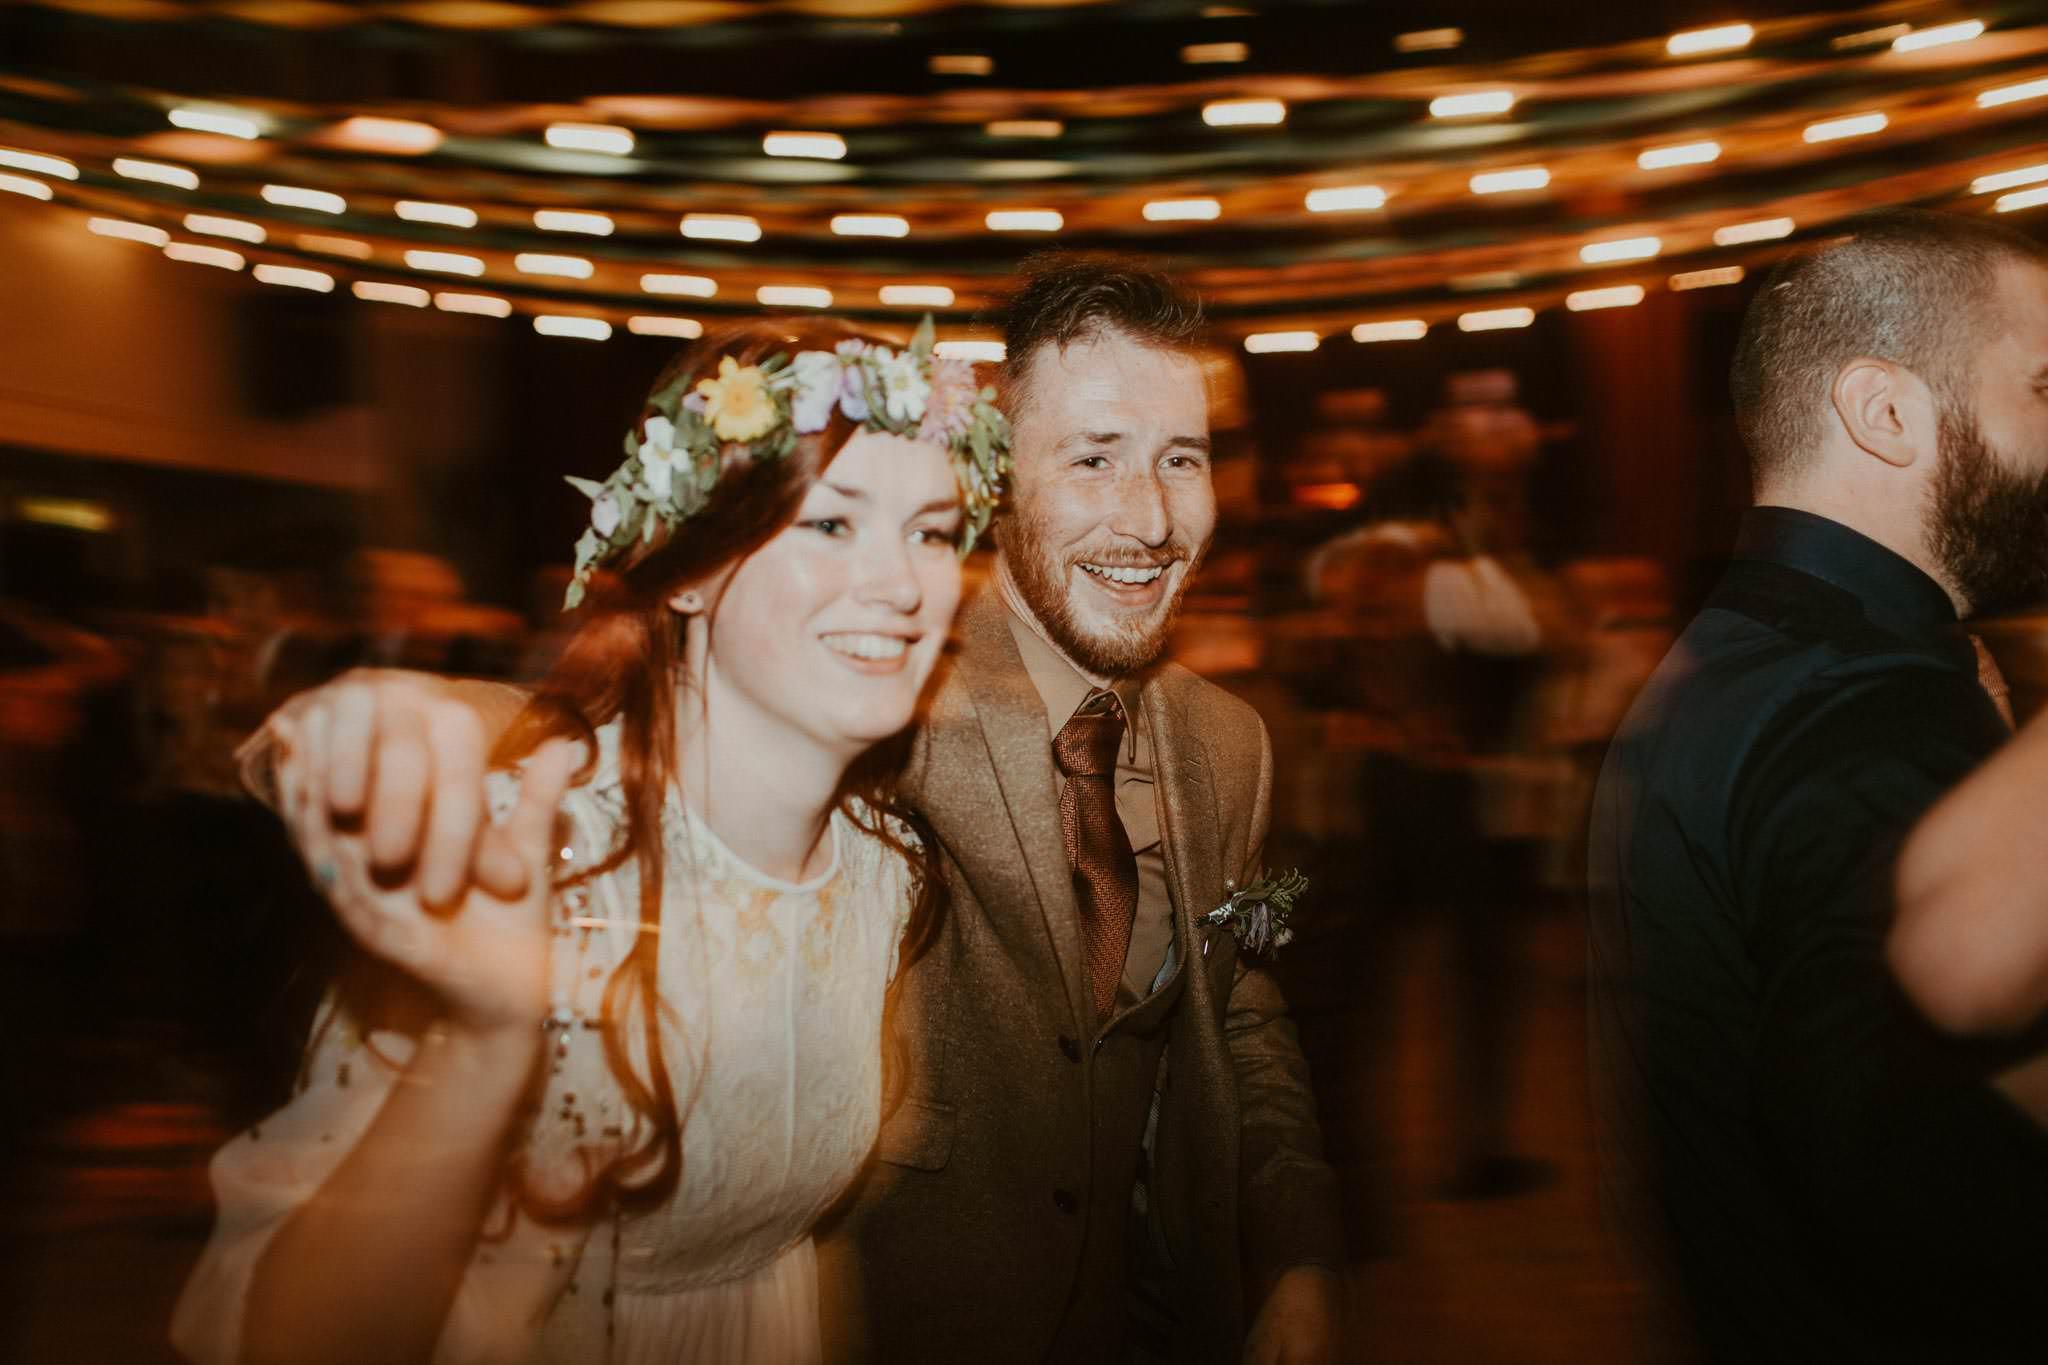 scottish-wedding-photography-168